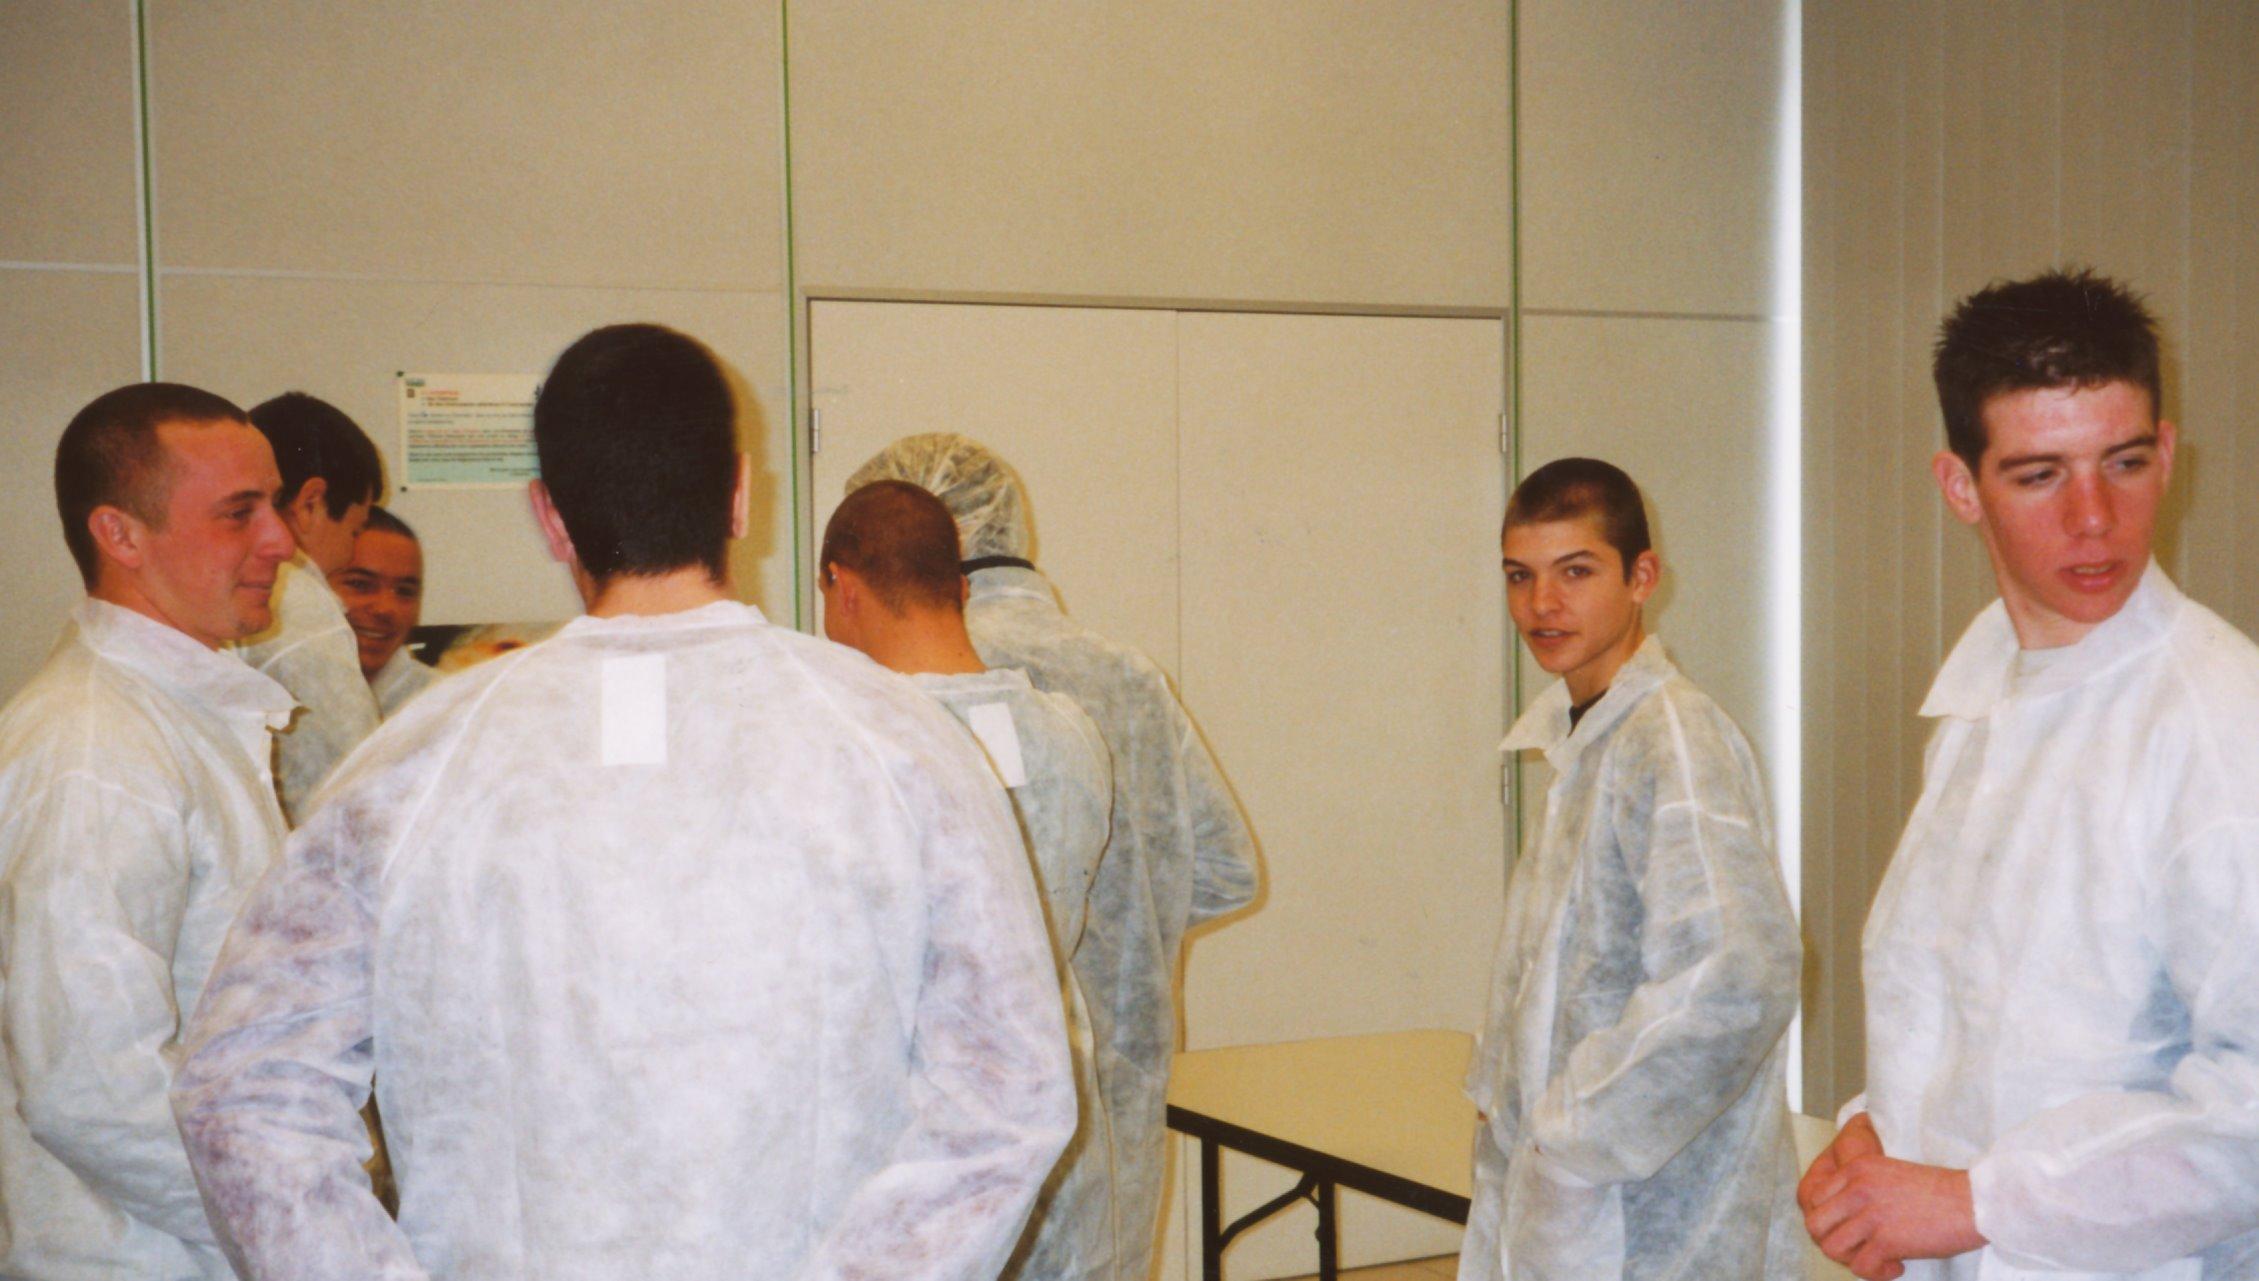 Archives anciens élèves mfr puy-sec 1999 (8)